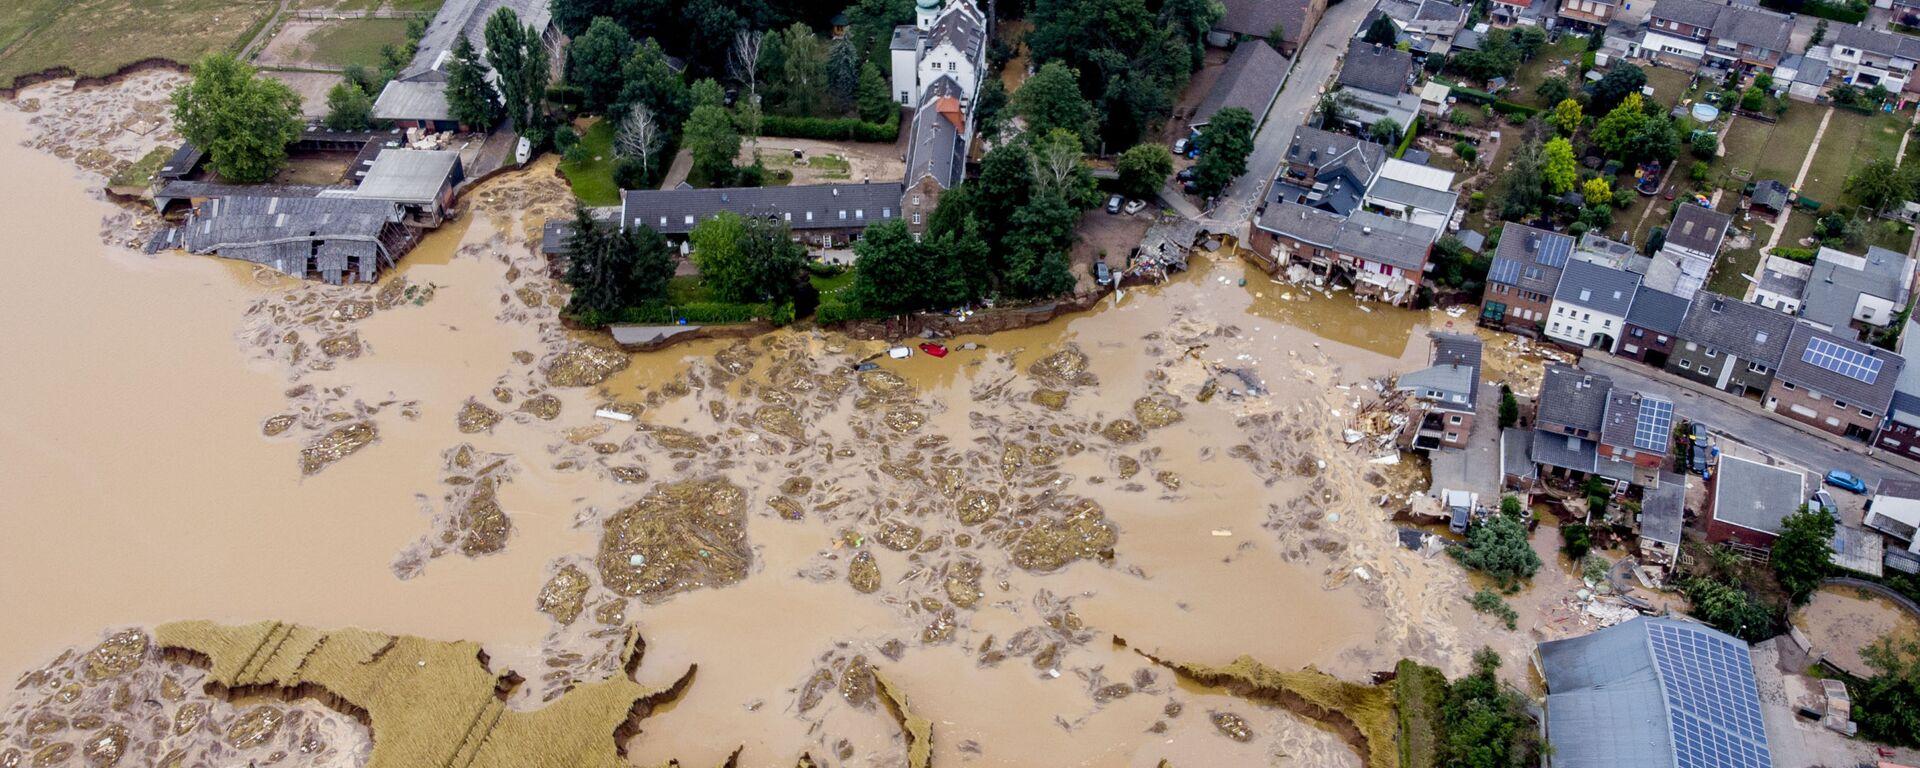 Überschwemmung in Deutschland - SNA, 1920, 23.07.2021